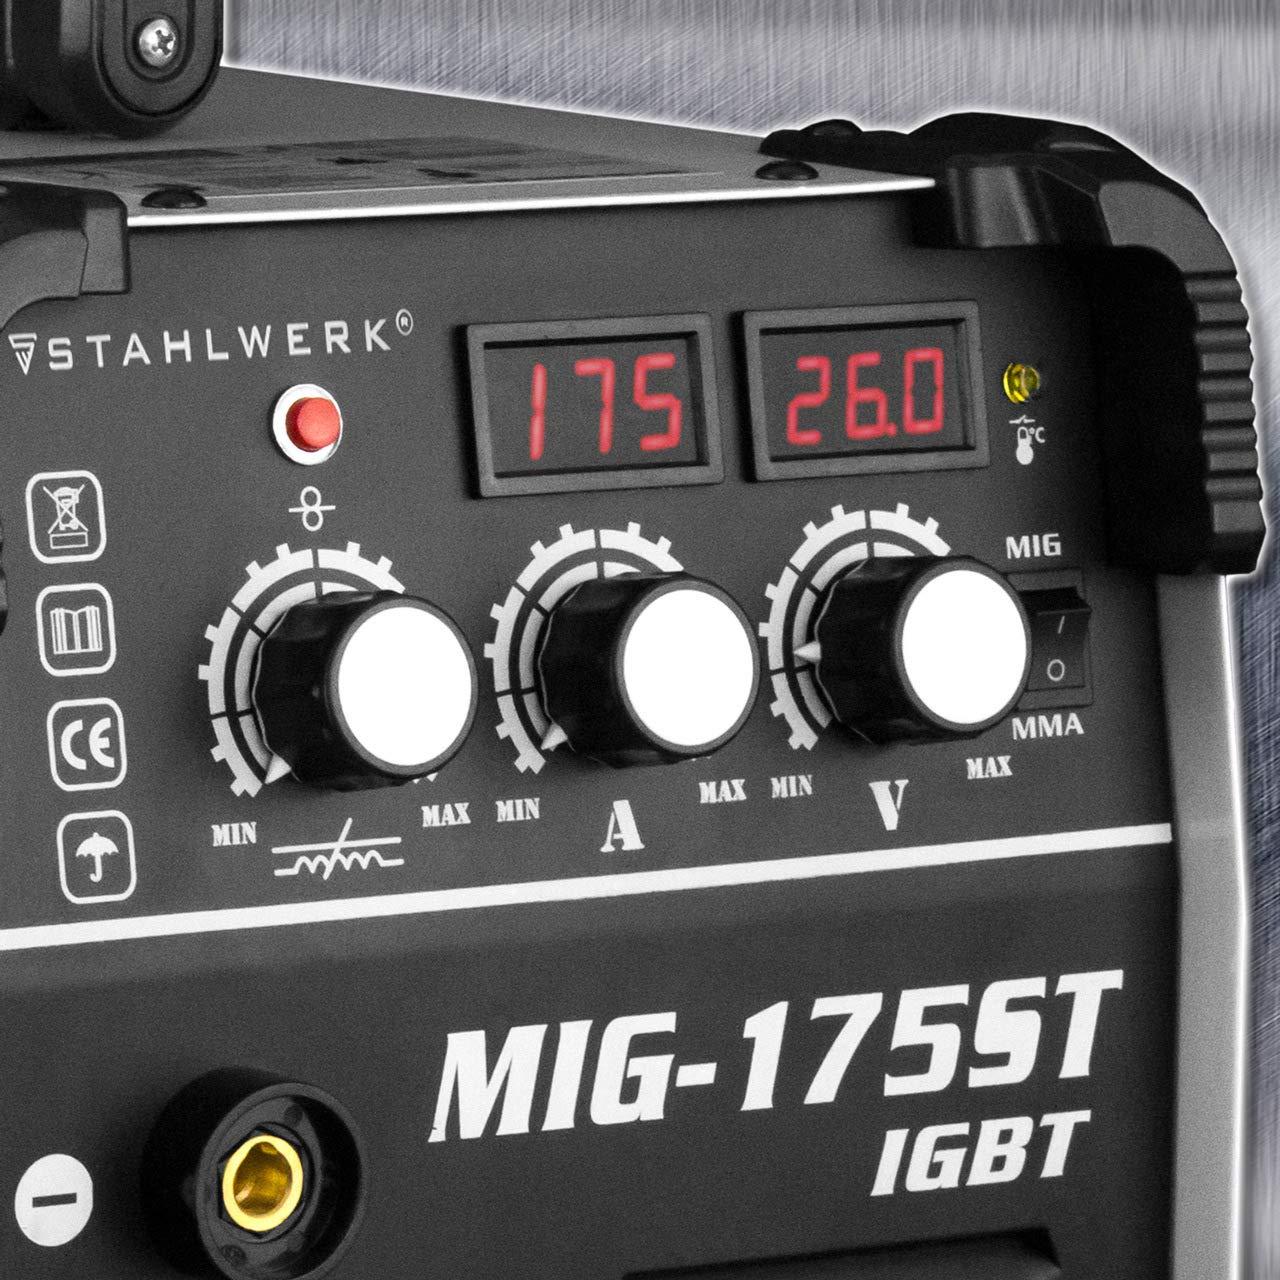 STAHLWERK MIG 175 ST IGBT - Equipo de soldadura de gas de protección MIG MAG con 175 amperios, alambre de relleno FLUX, con MMA E-Hand, color blanco: ...